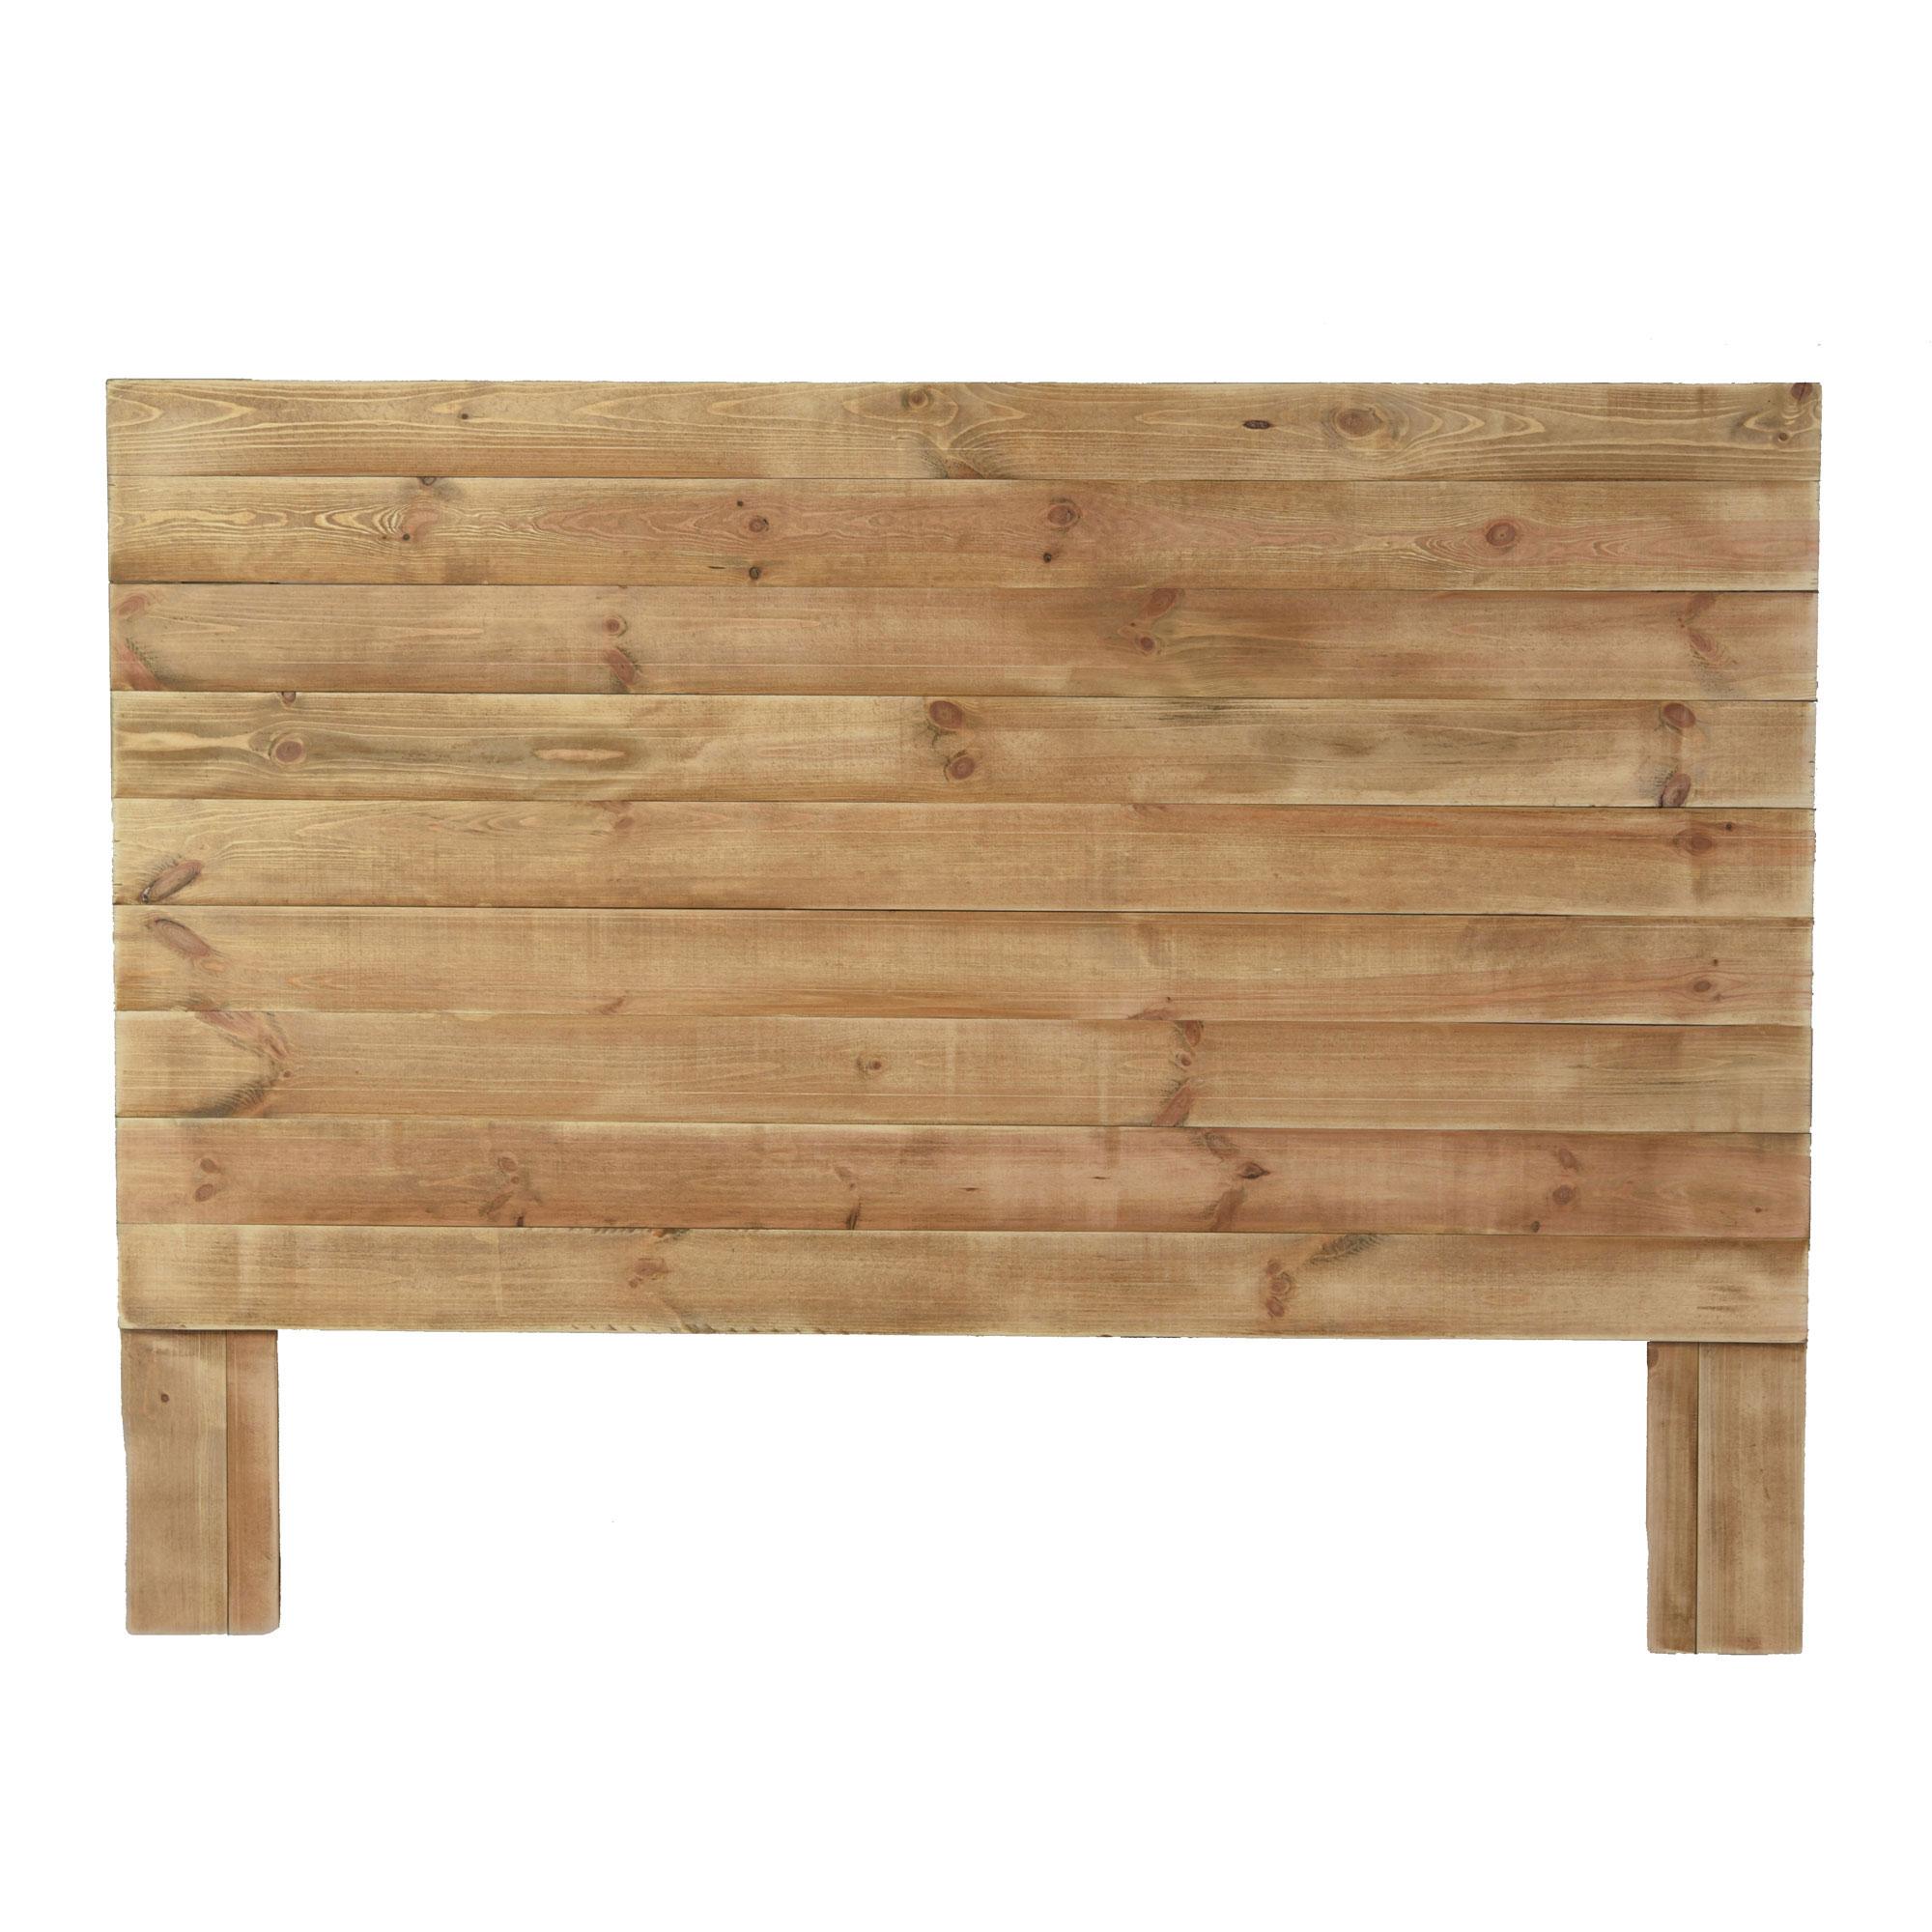 Tête de lit 160 pin massif bois vieilli